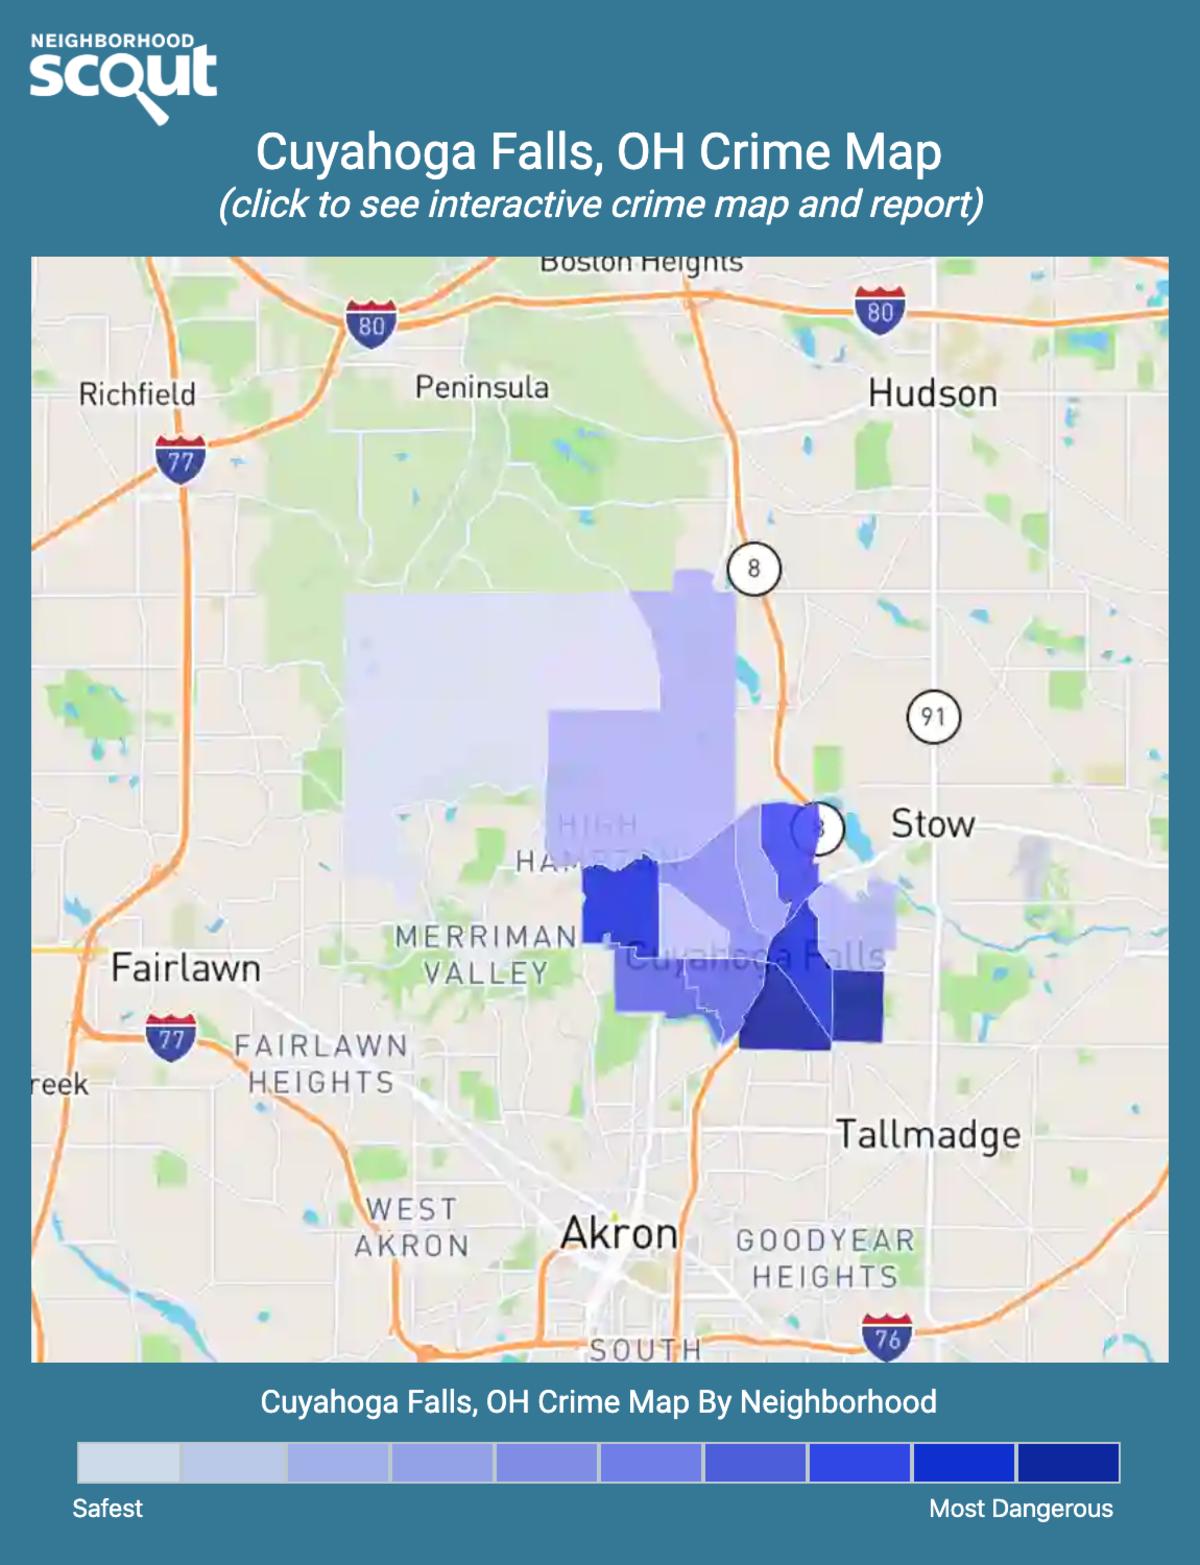 Cuyahoga Falls, Ohio crime map